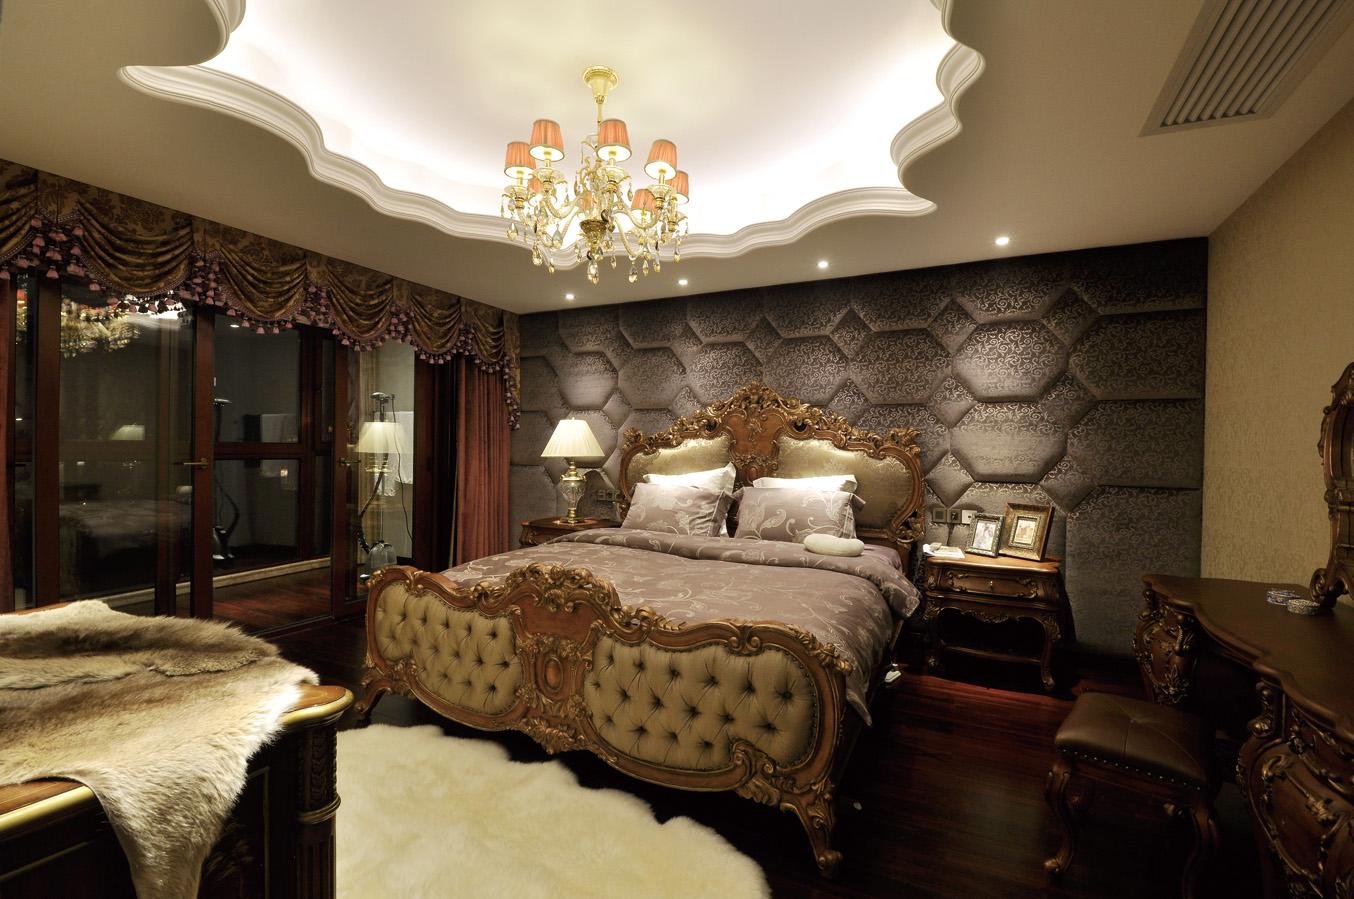 20平米欧式古典风格卧室装修效果图 (2/7)图片